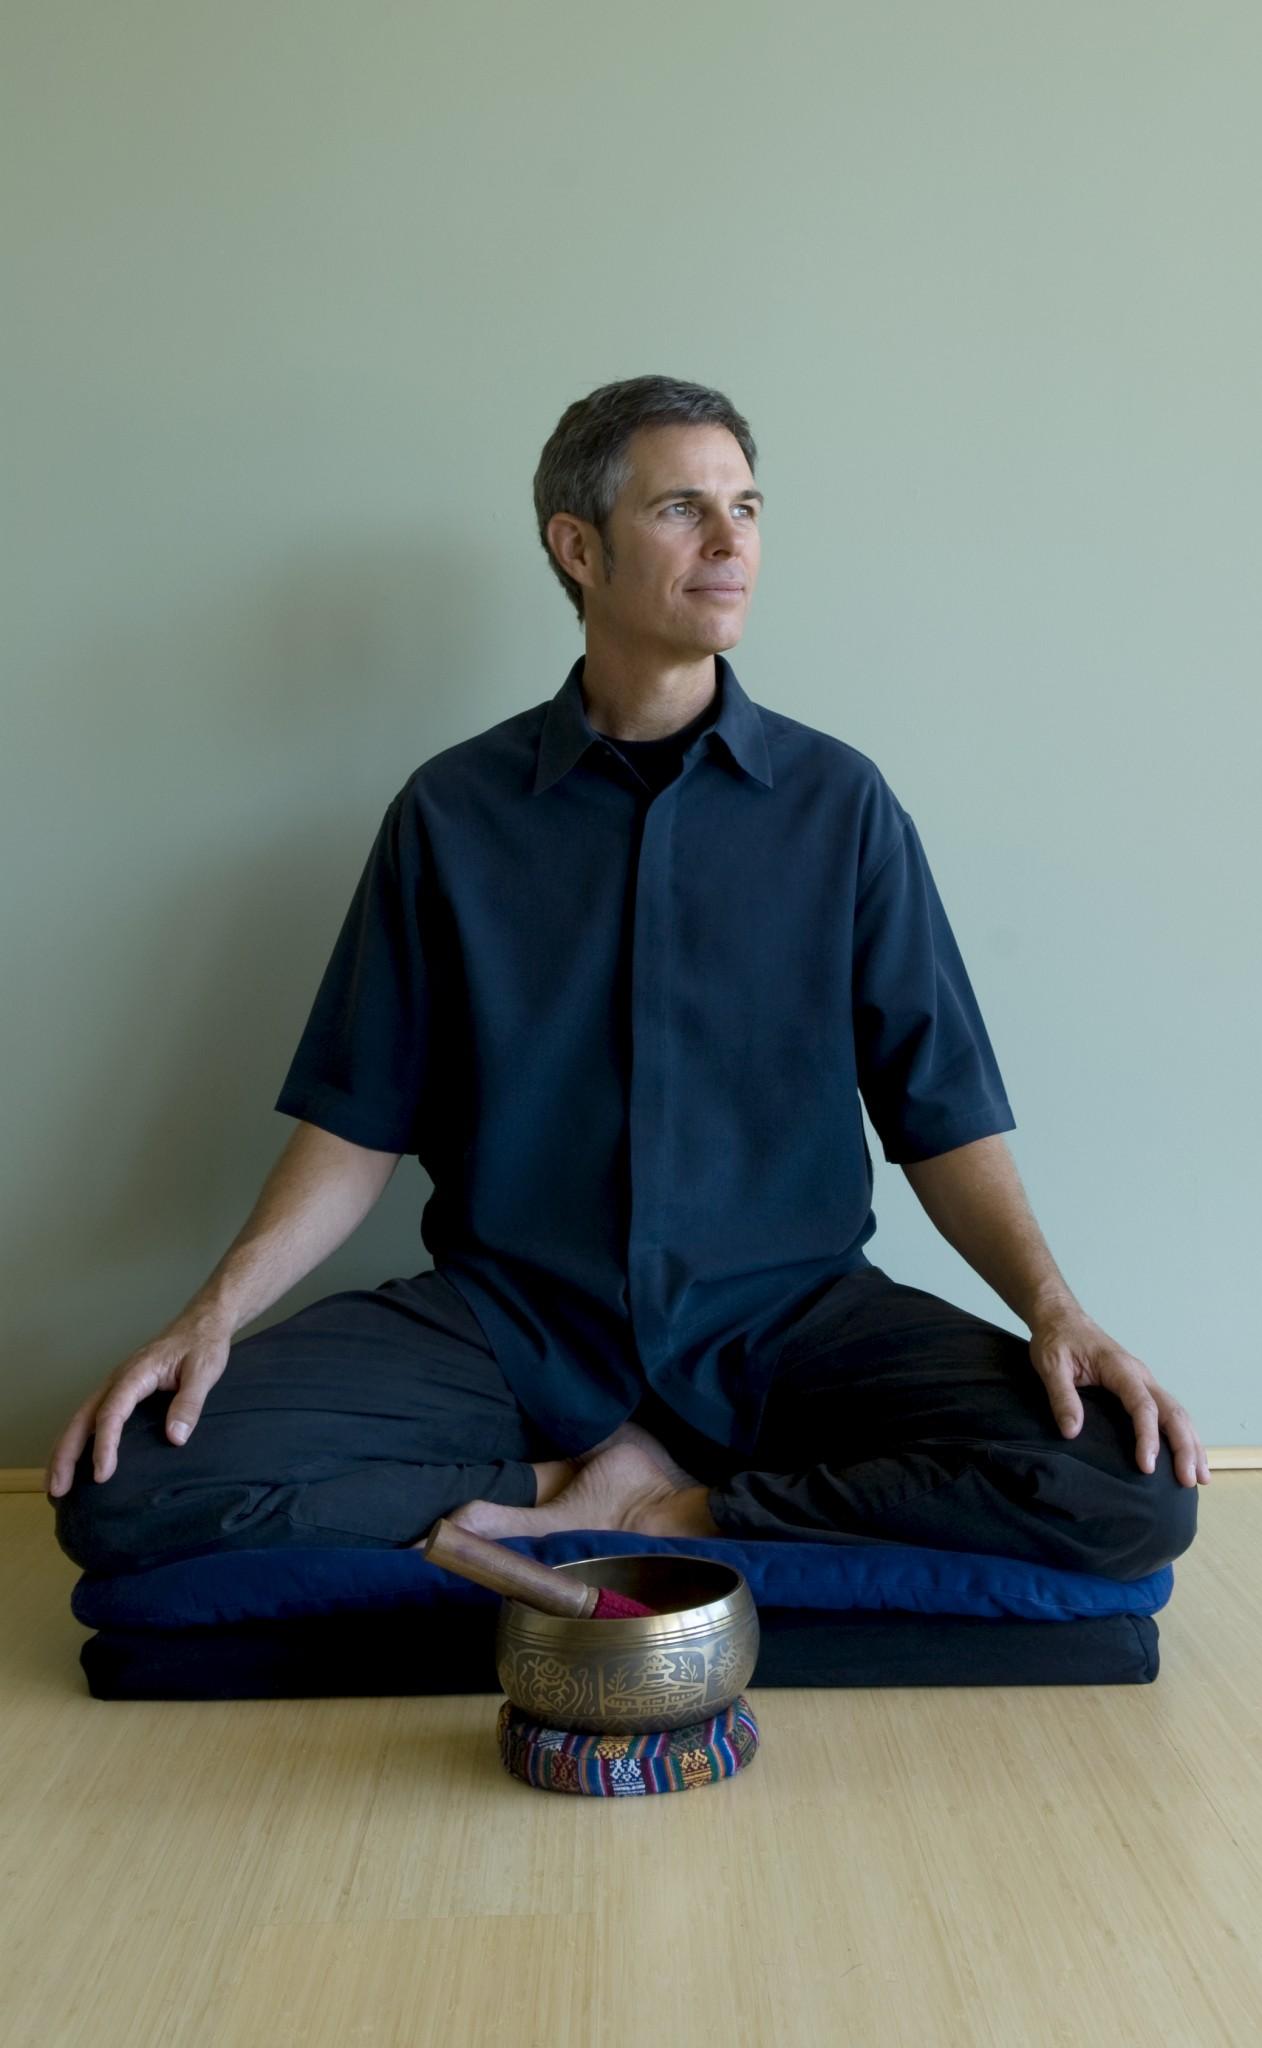 Mark in meditation post